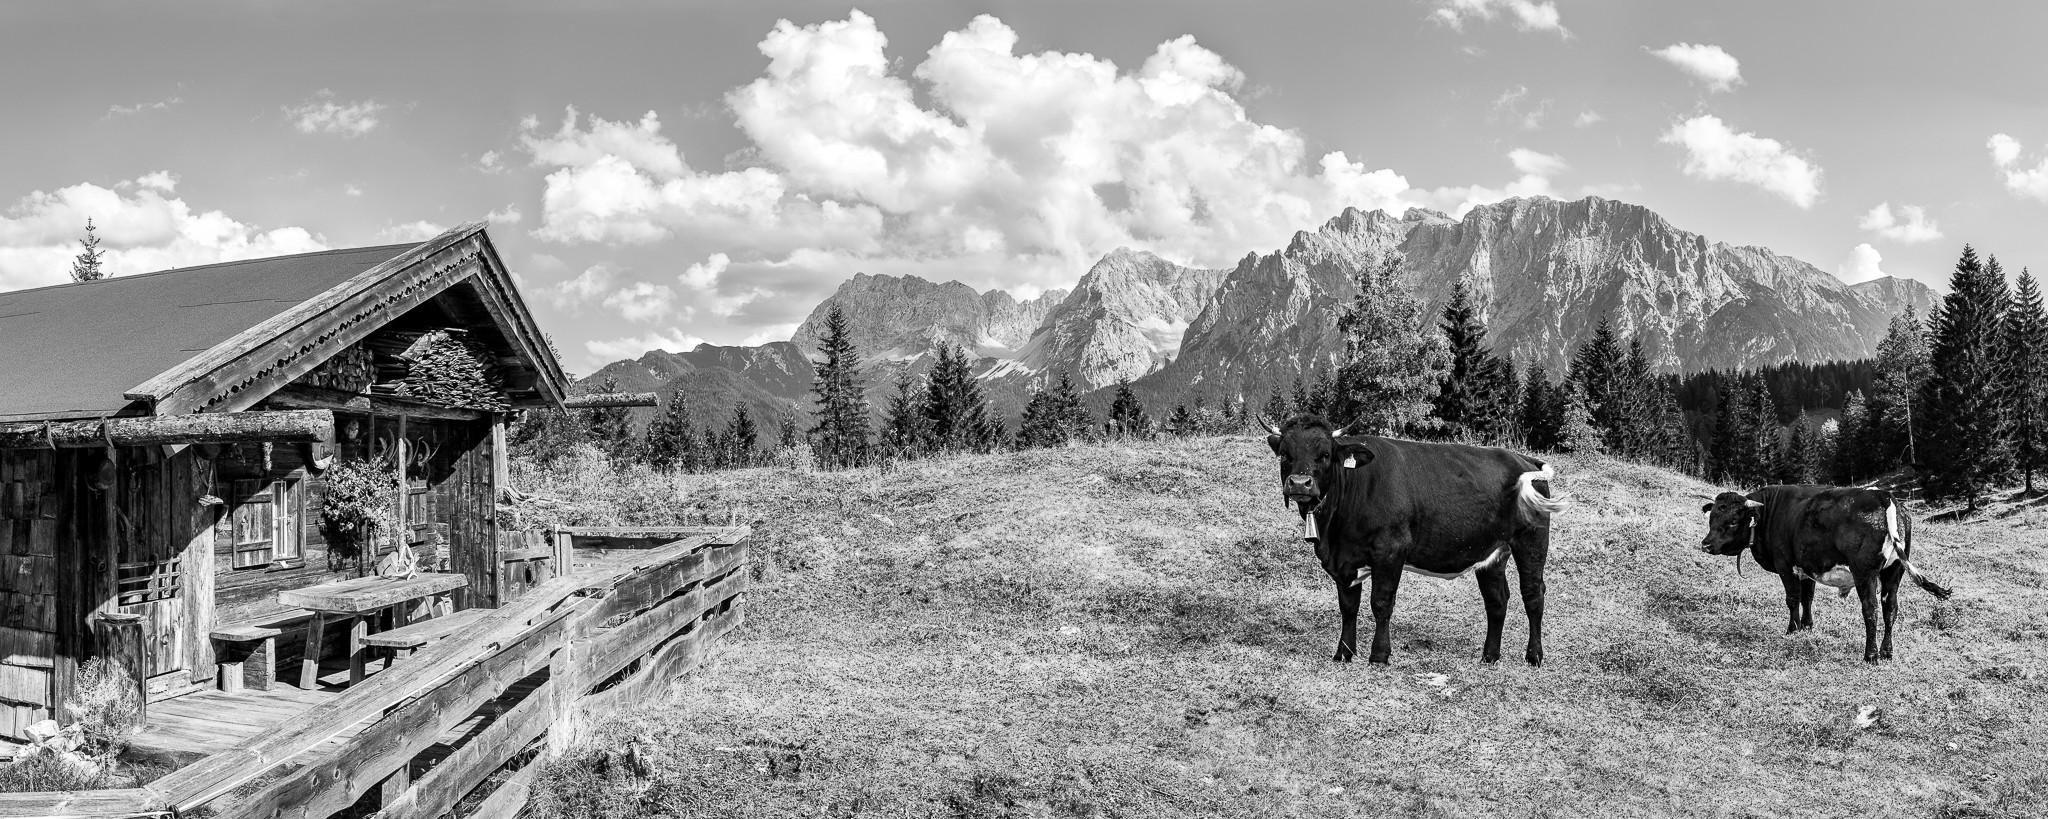 urige Alm in der Alpenwelt Karwendel